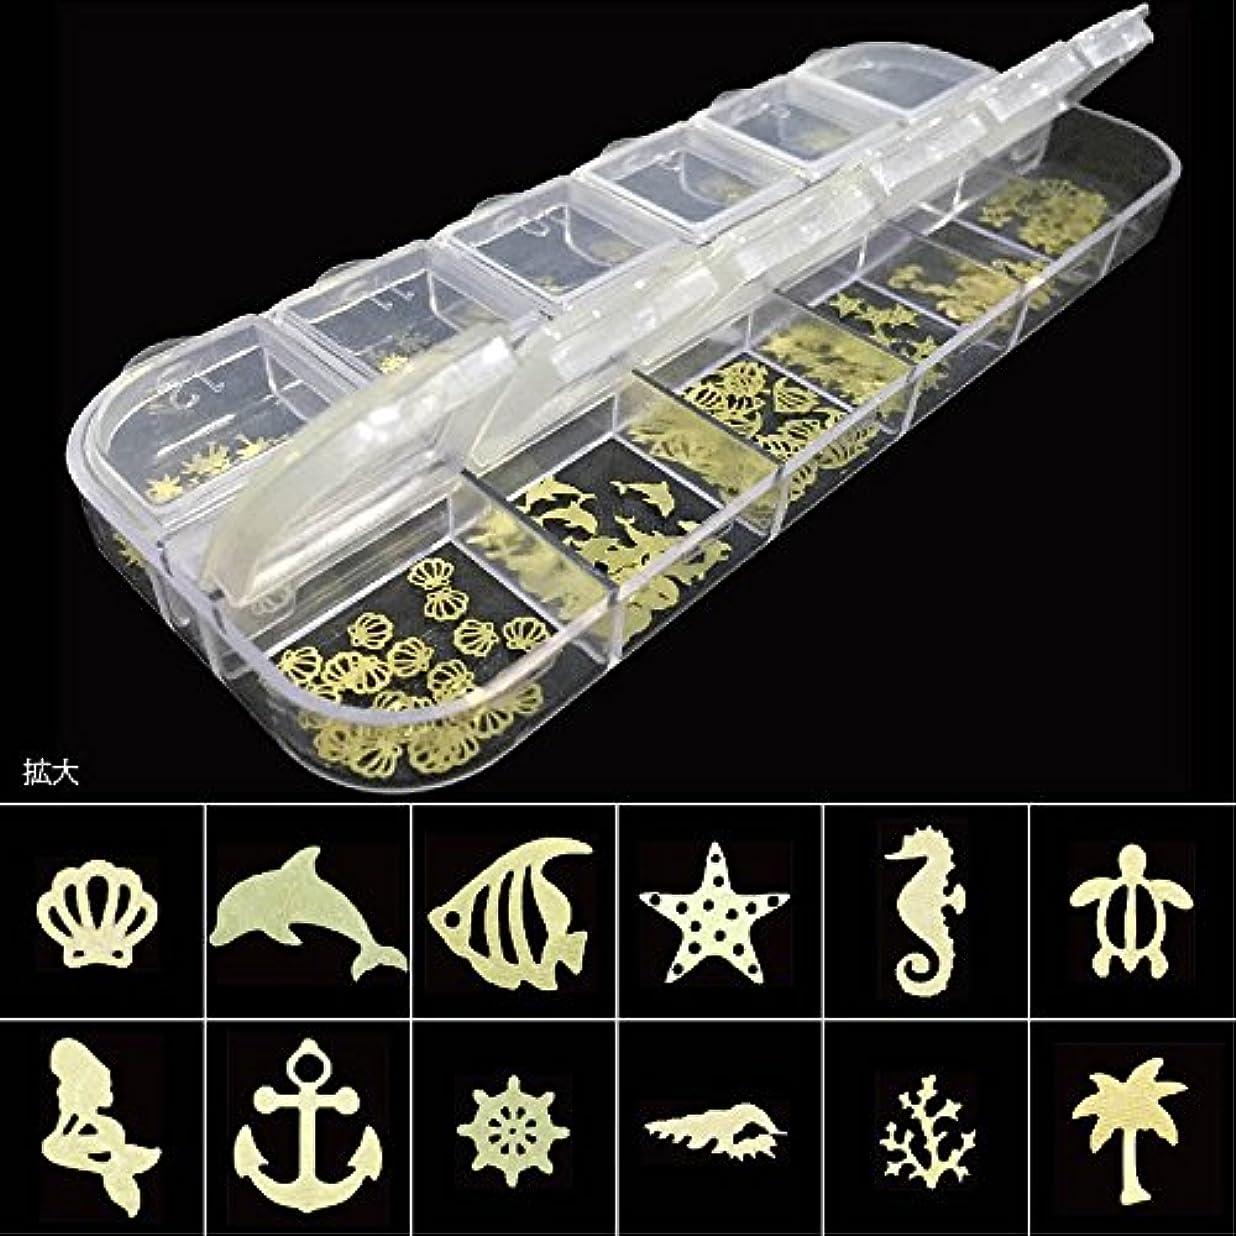 ジョブ乞食メタン薄型メタル パーツ ゴールド240枚 ネイル&レジン用 12種類×各20個ケース入 (マリン)